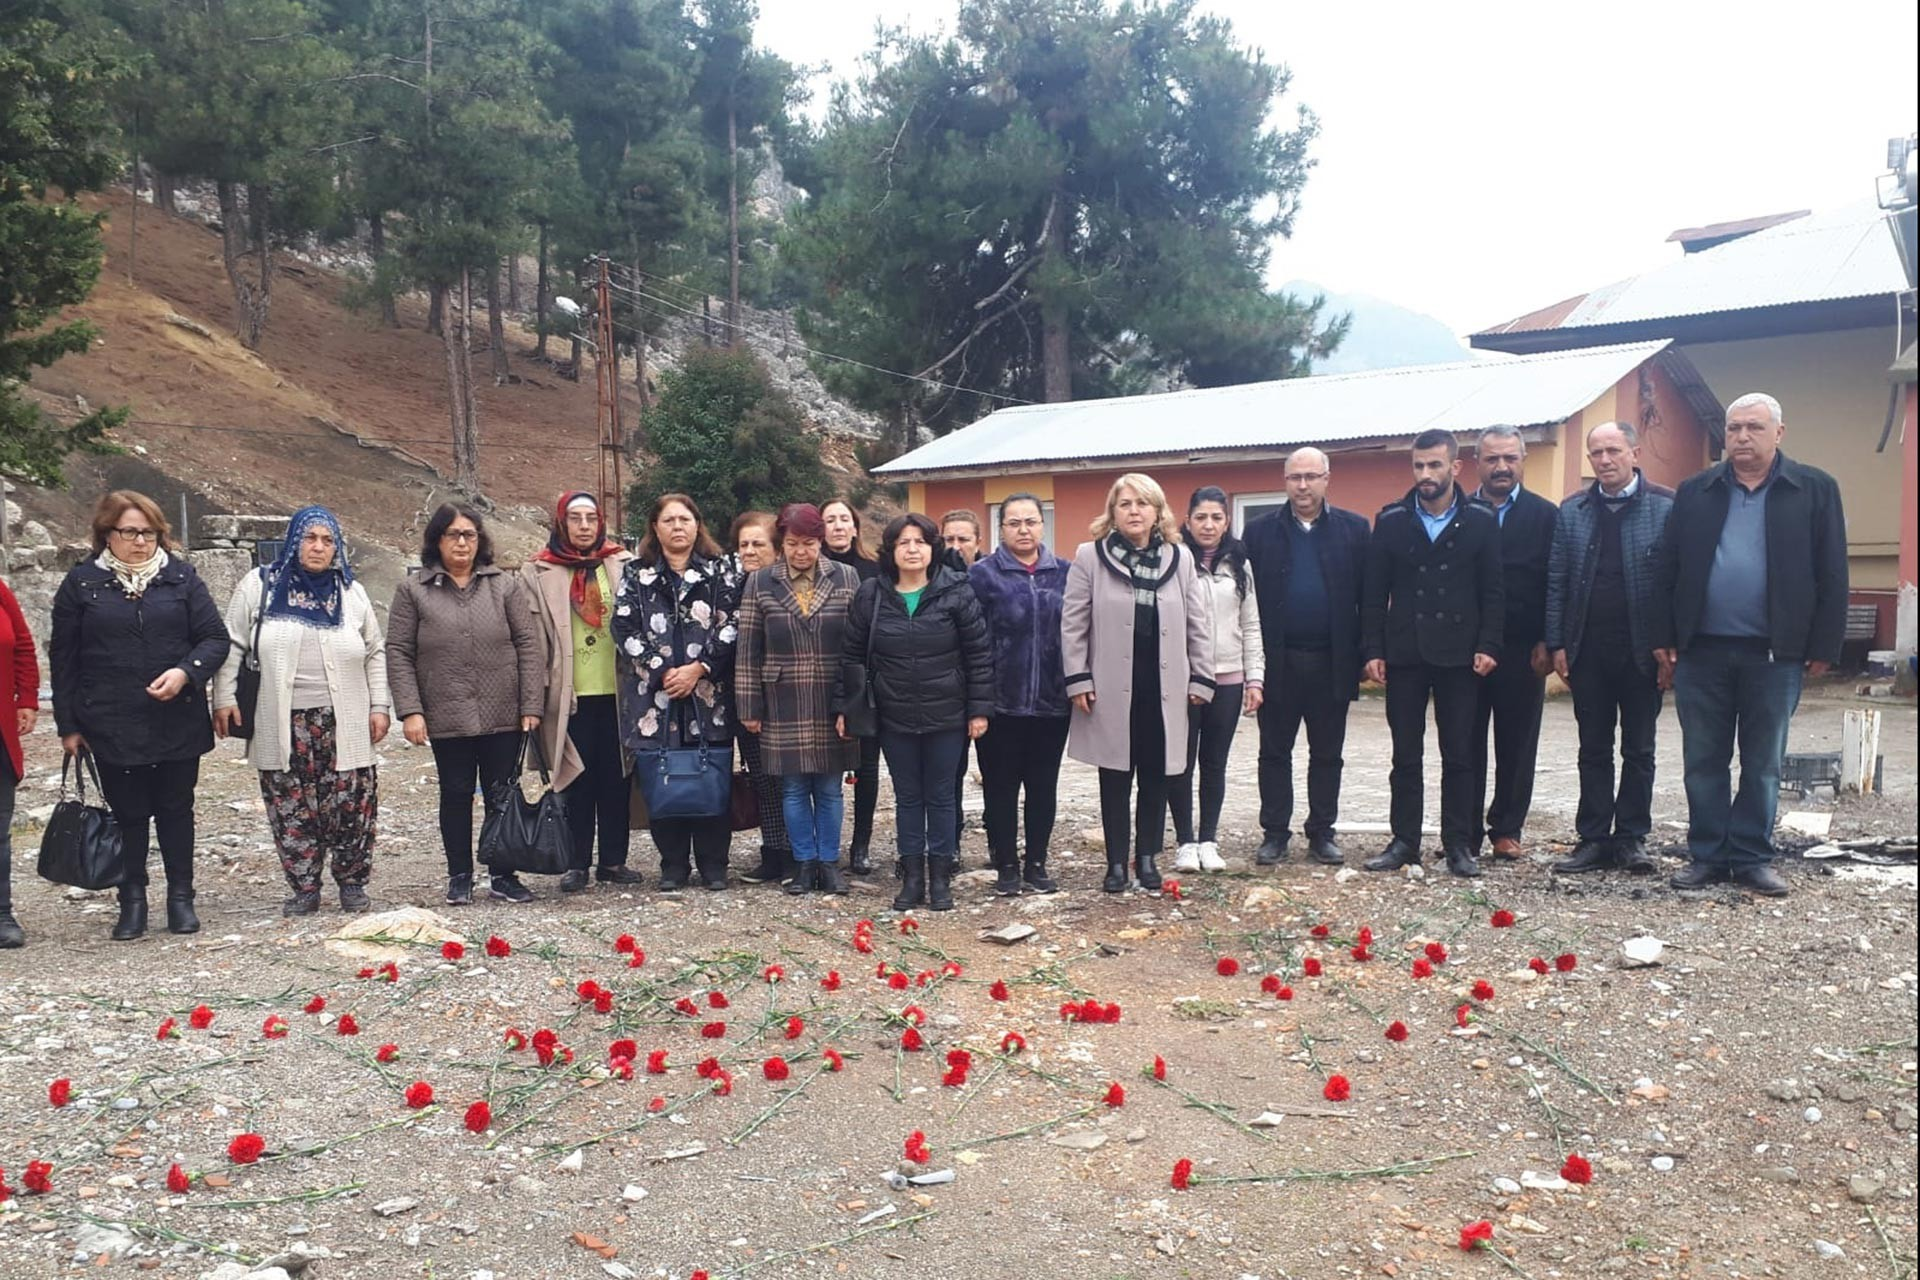 Adana Aladağ'da yurt yangınında ölen 11 çocuk için 3'üncü ölüm yıl dönümlerinde düzenlenen anma etkinlğinden bir fotoğraf